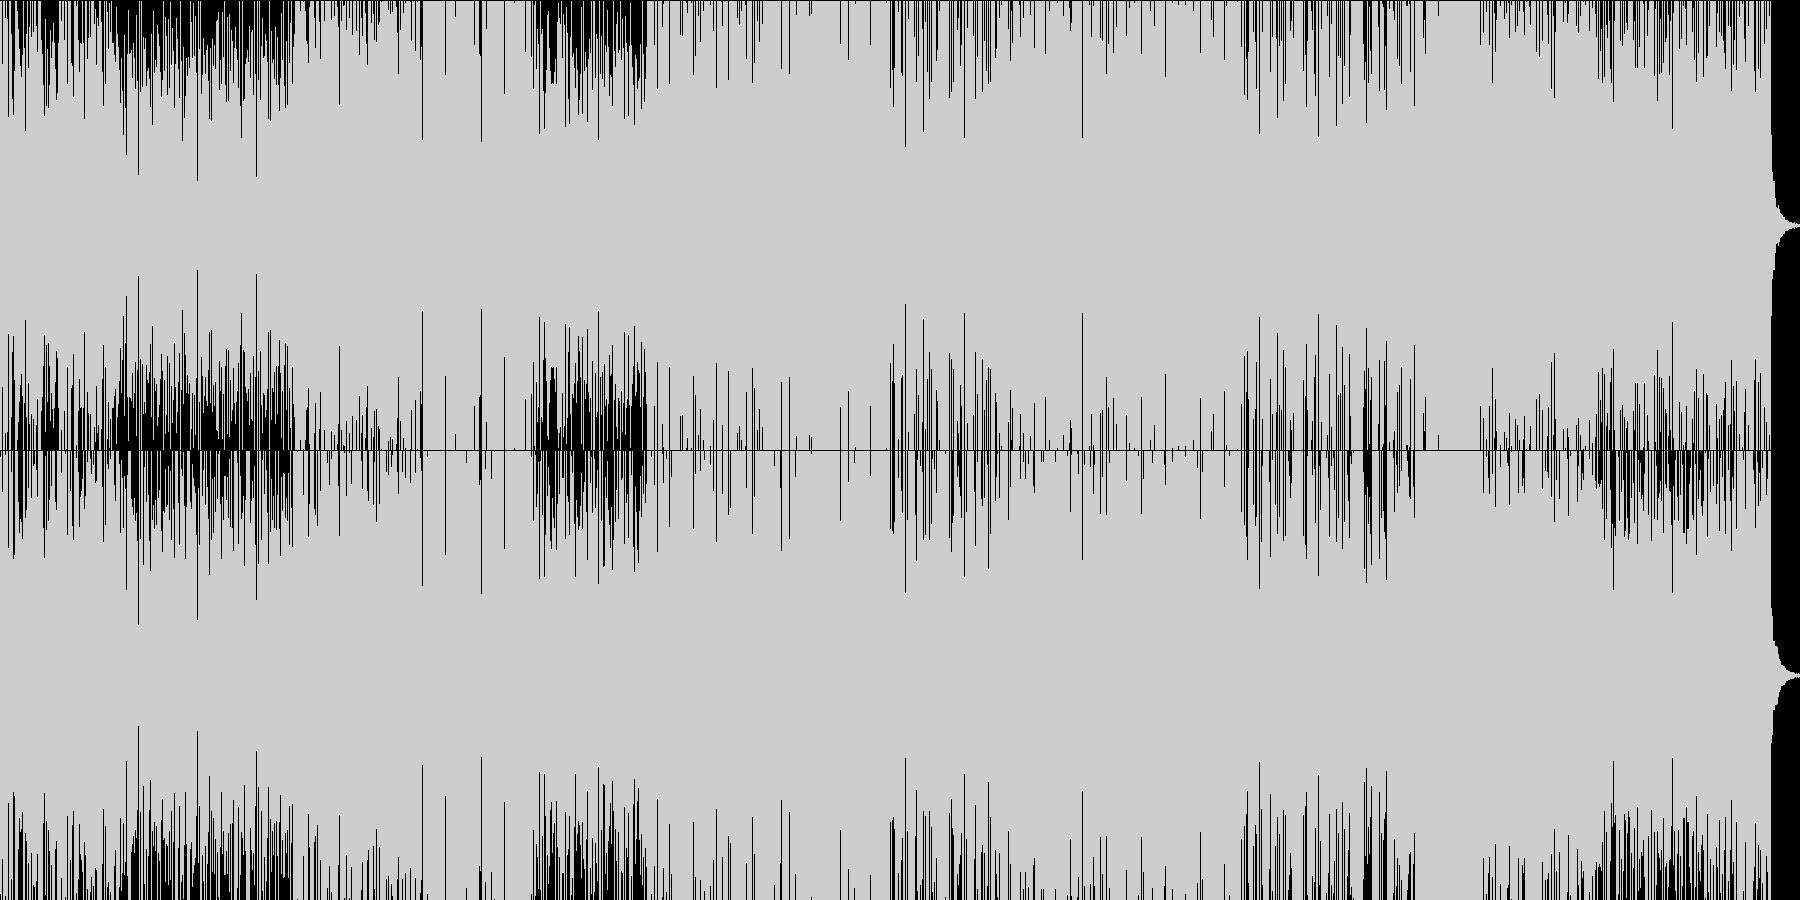 フラメンコ調フュージョンの未再生の波形